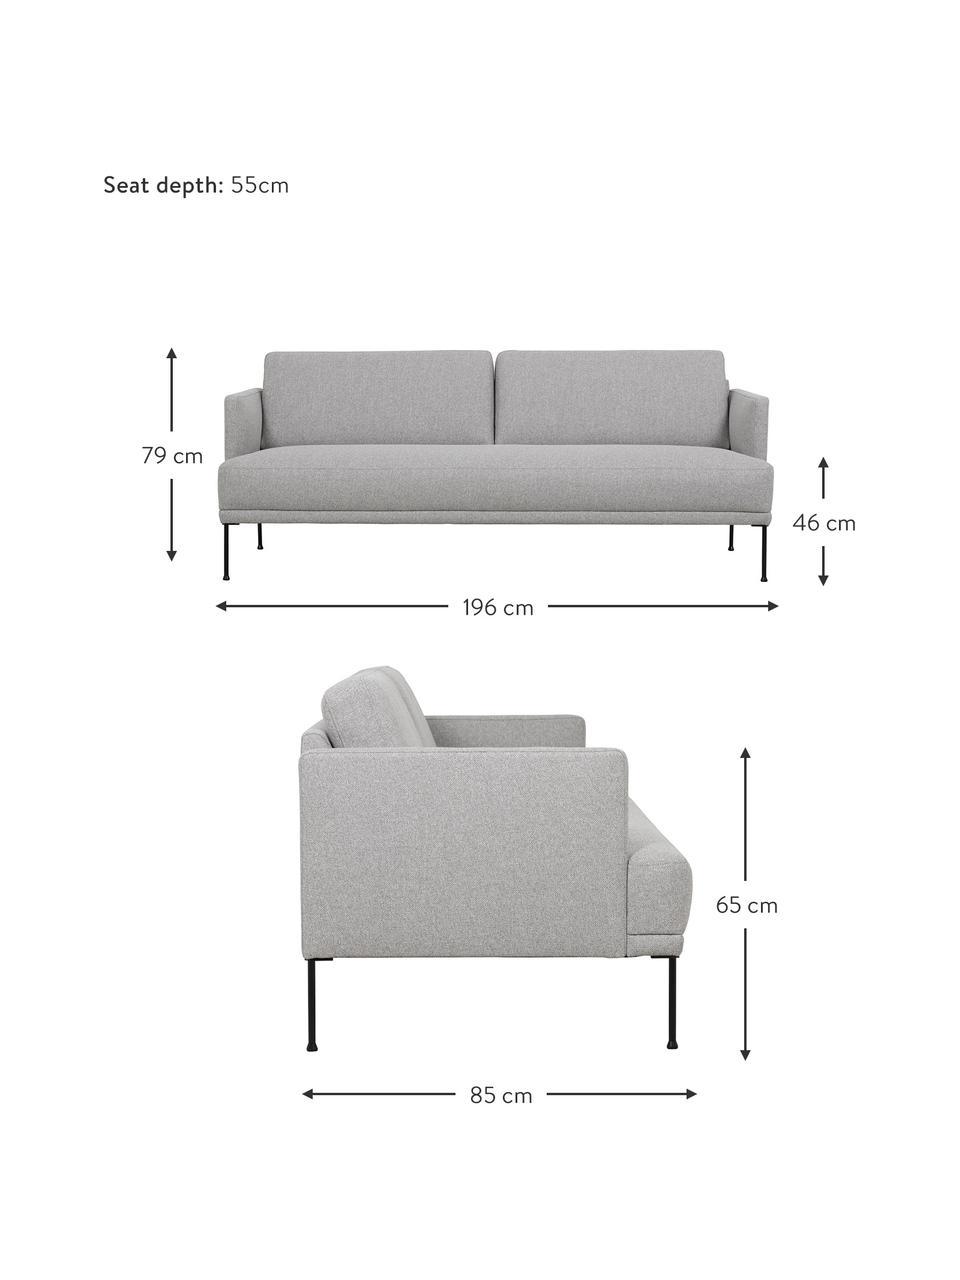 Sofa z  metalowymi nogami Fluente (3-osobowa), Tapicerka: 80% poliester, 20% ramia , Nogi: metal malowany proszkowo, Jasny szary, S 196 x G 85 cm